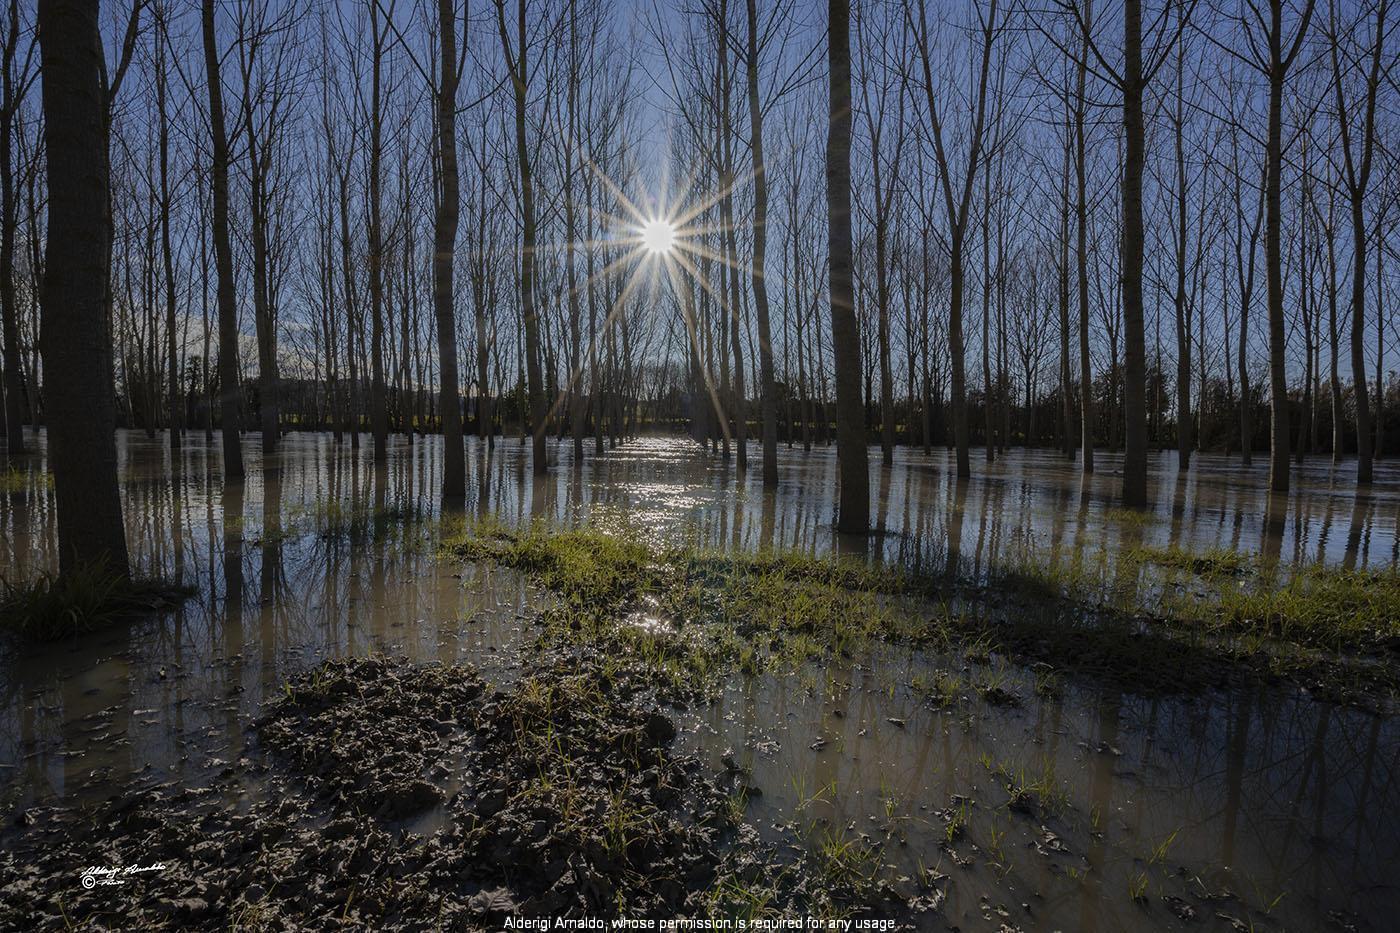 Alderigi Arnaldo fotografo - FORESTS AND TREES - Photo Gallery